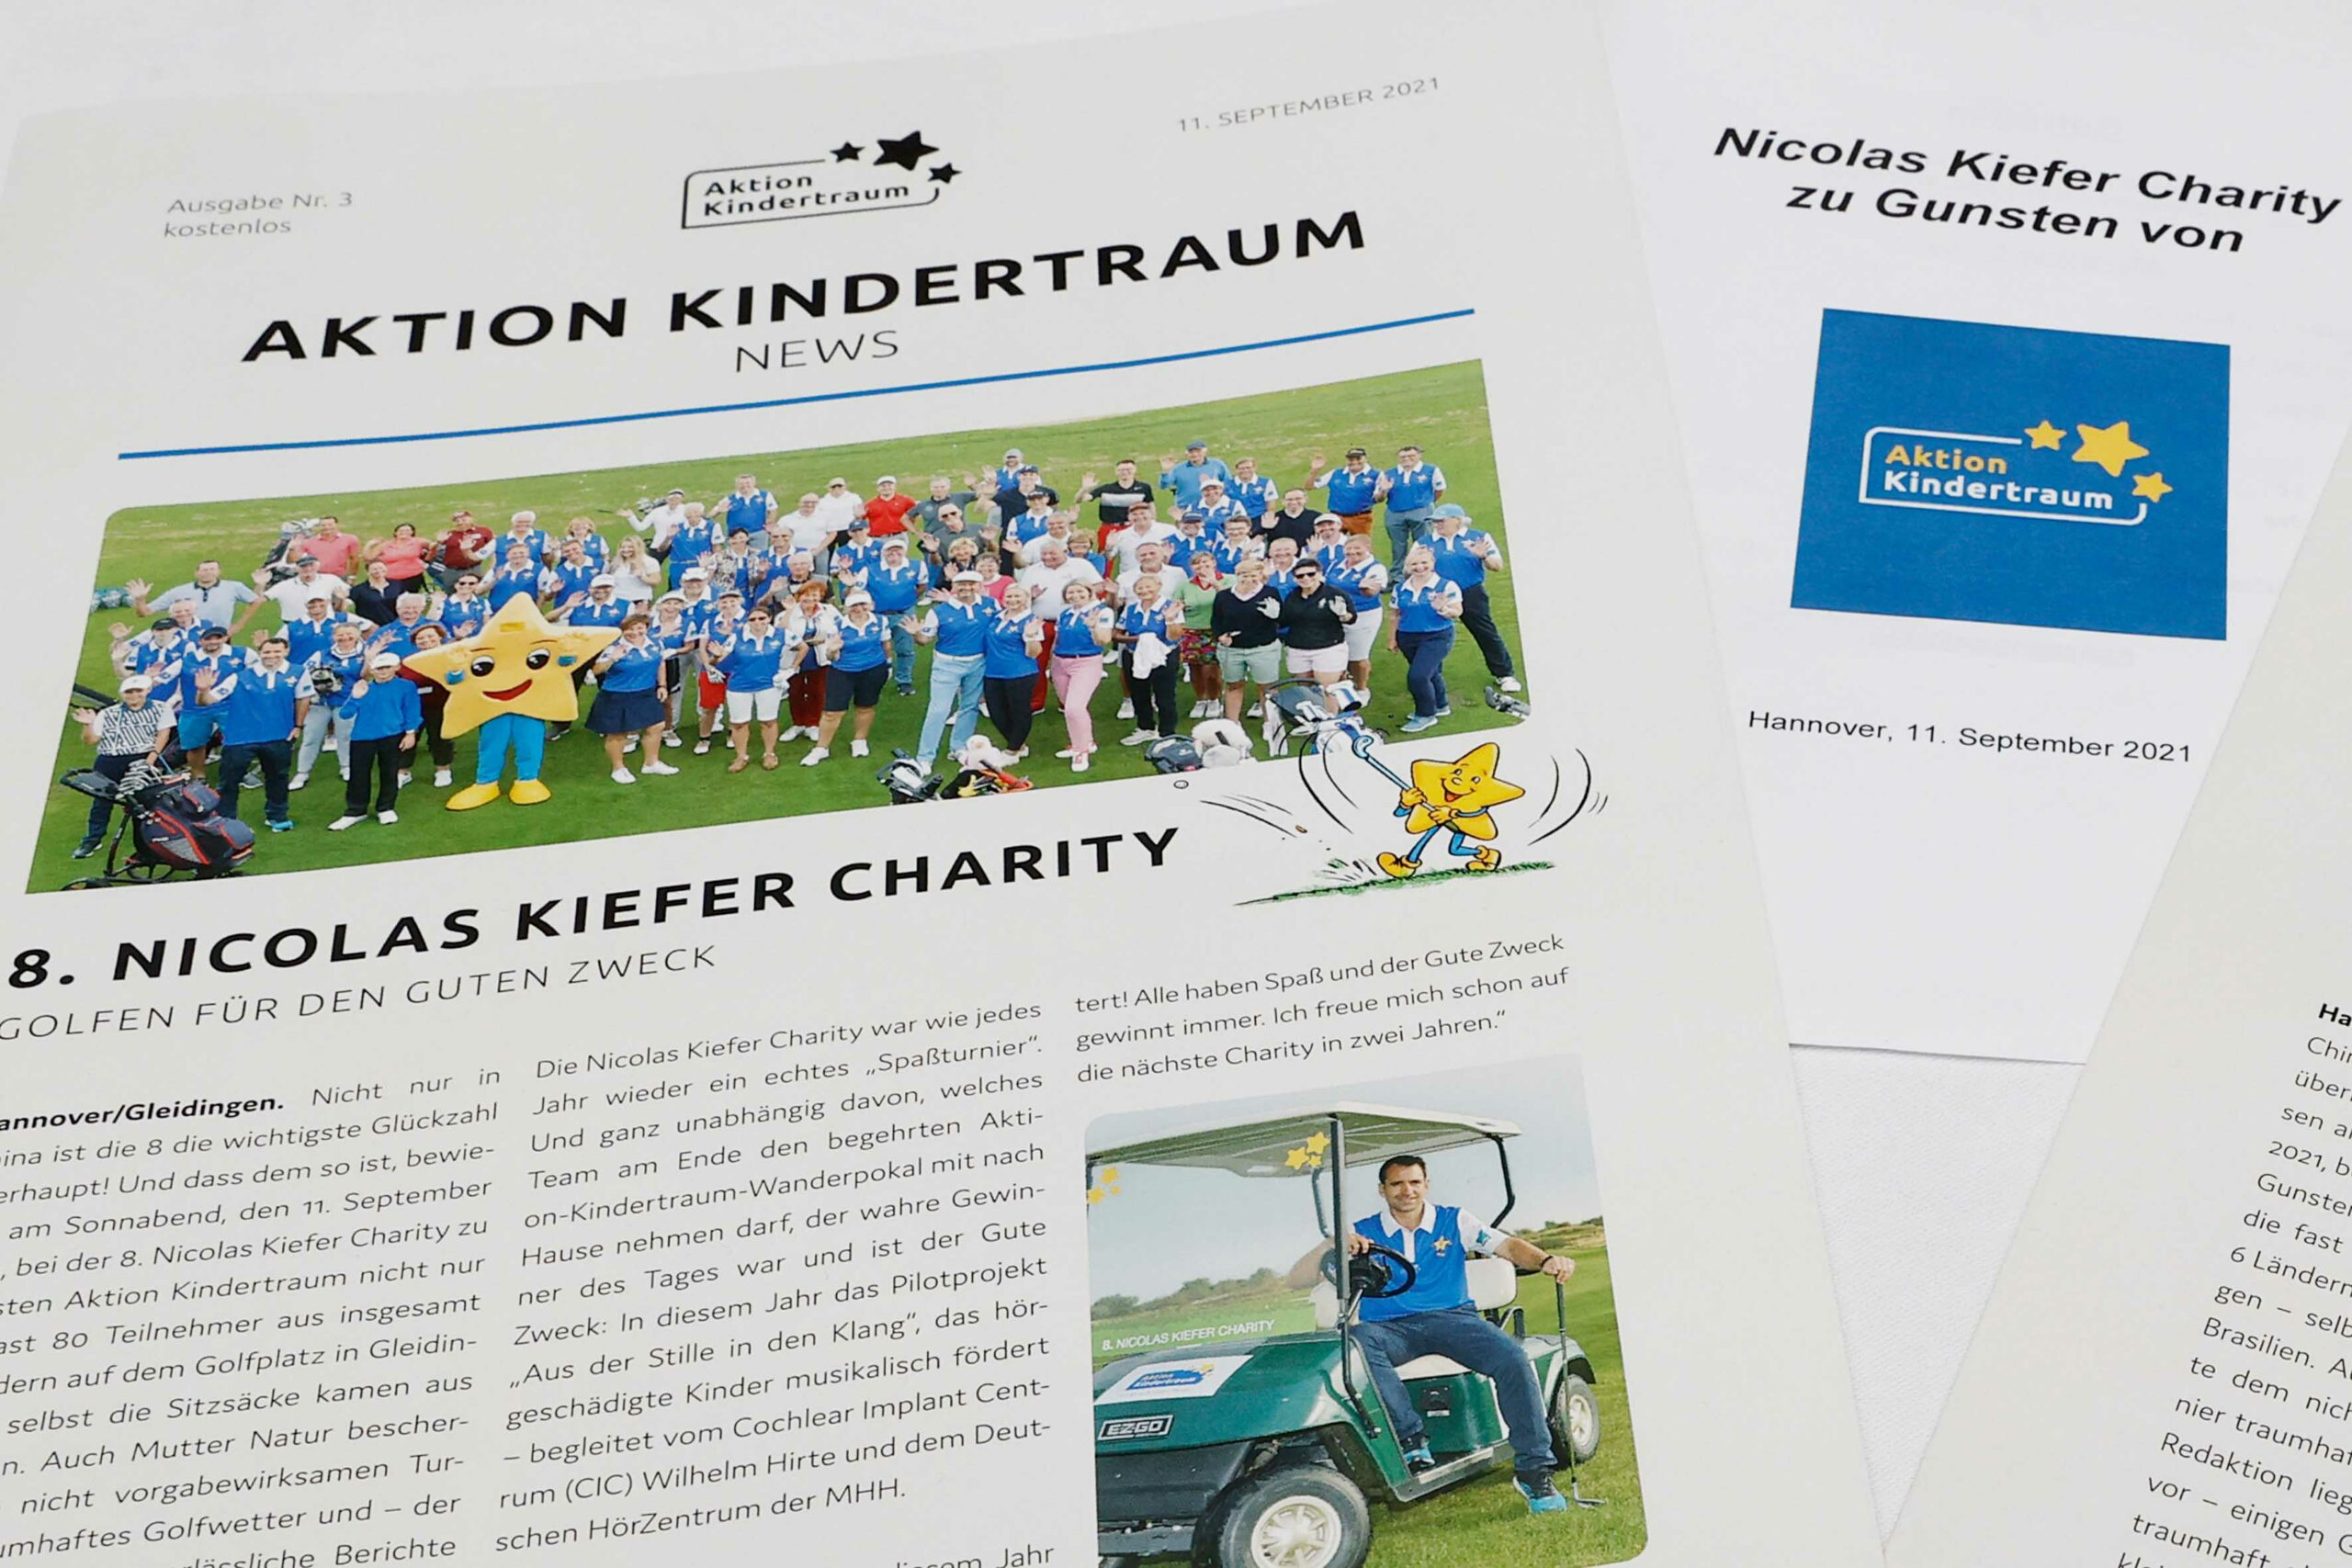 Zeitung scaled - 8. Nicolas Kiefer Charity zu Gunsten von Aktion Kindertraum auf dem Golfplatz in Gleidingen